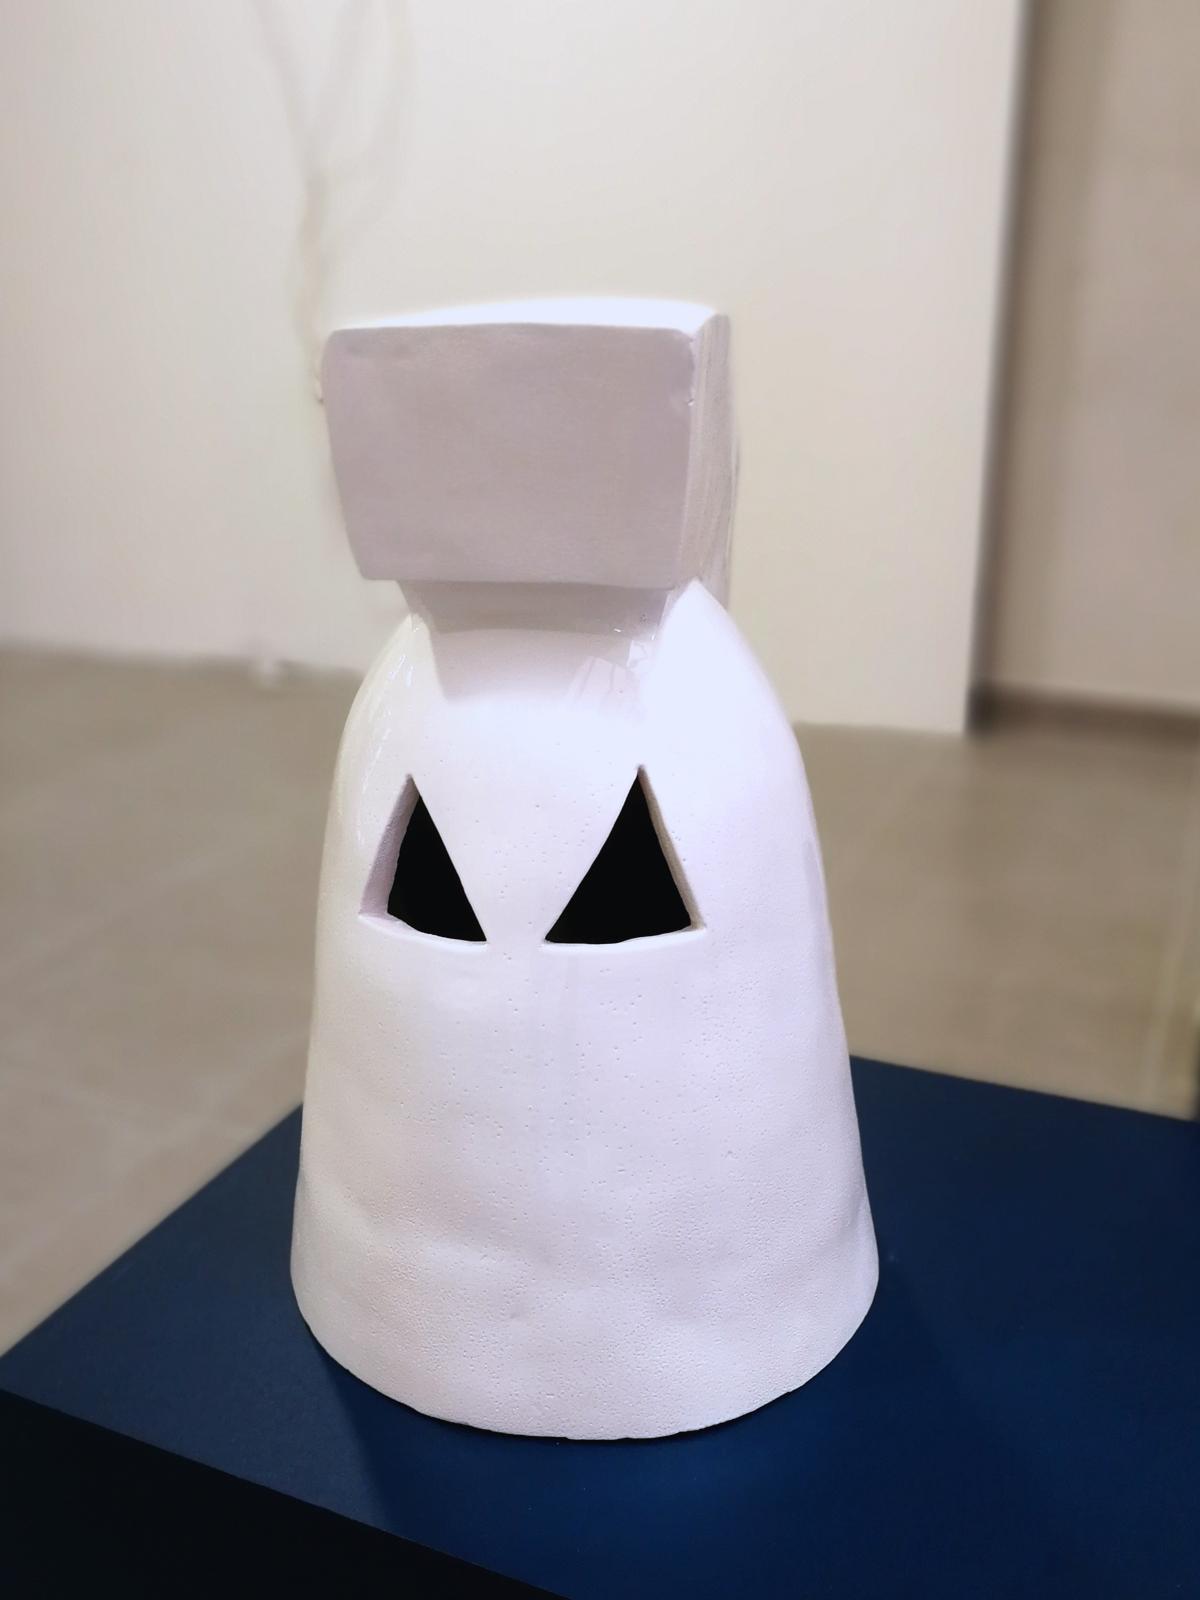 Ibf ceramic-12